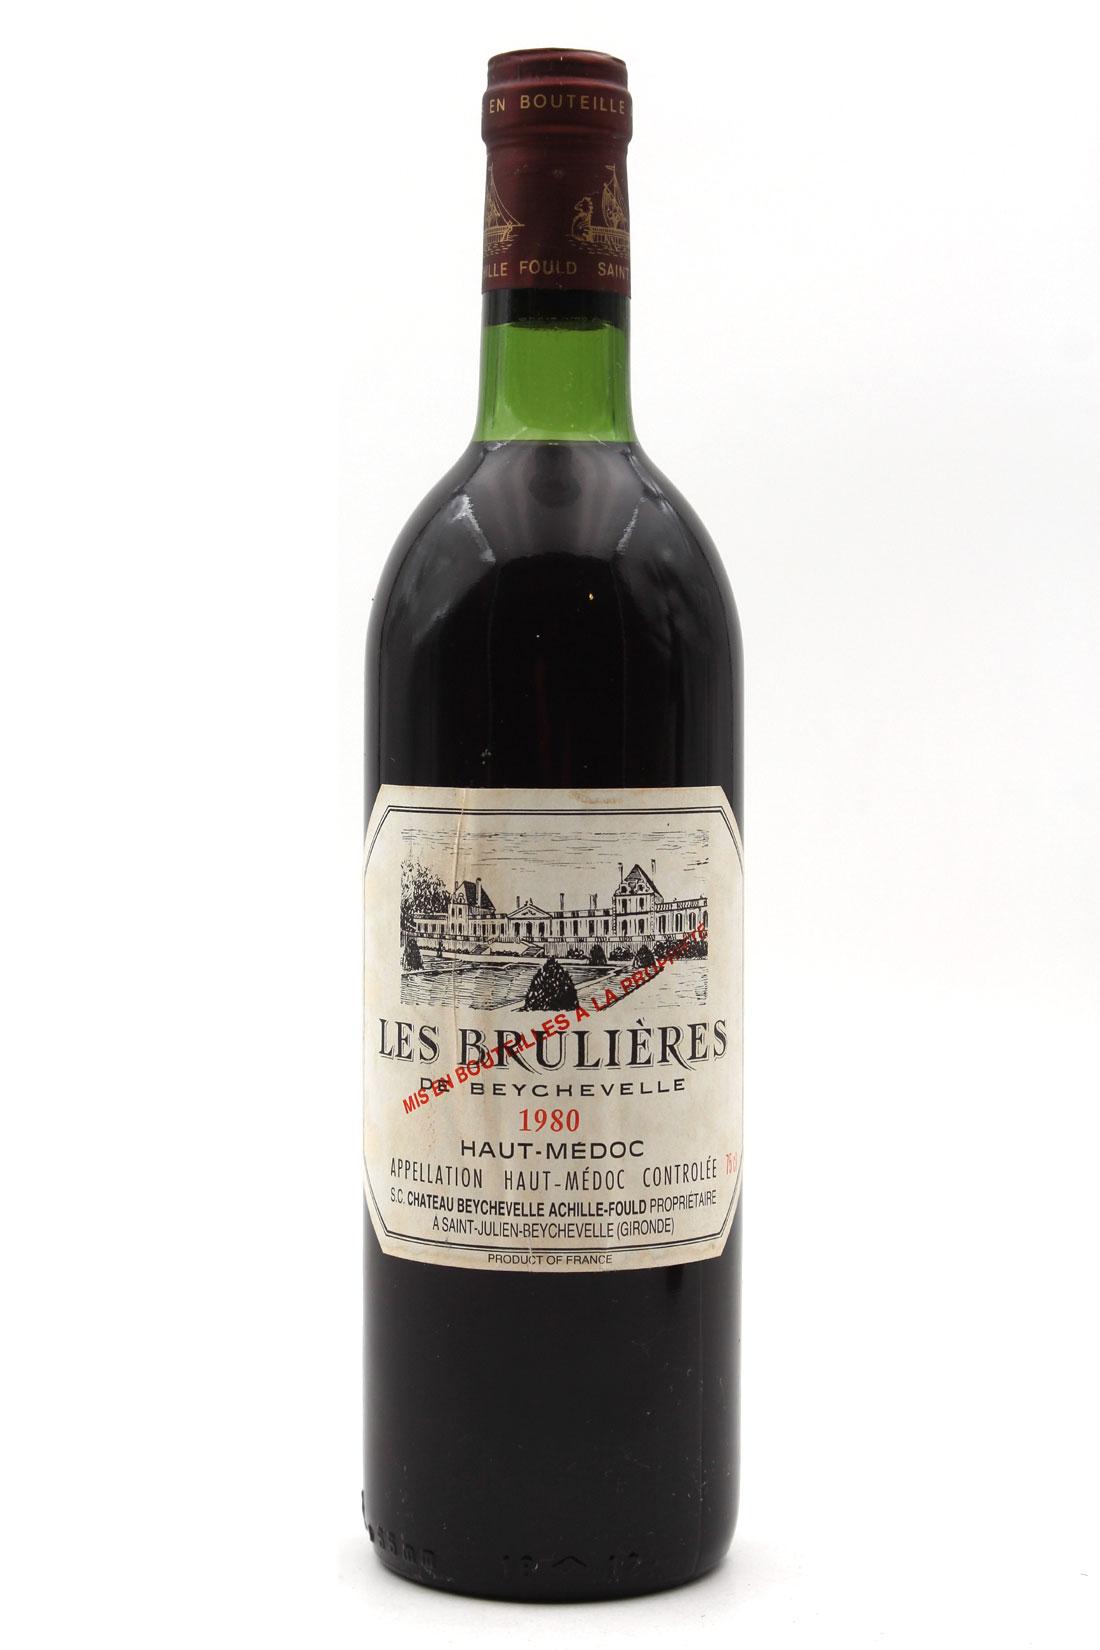 Les Brulières de Beychevelle 1980 - 75cl AOC Haut-Médoc